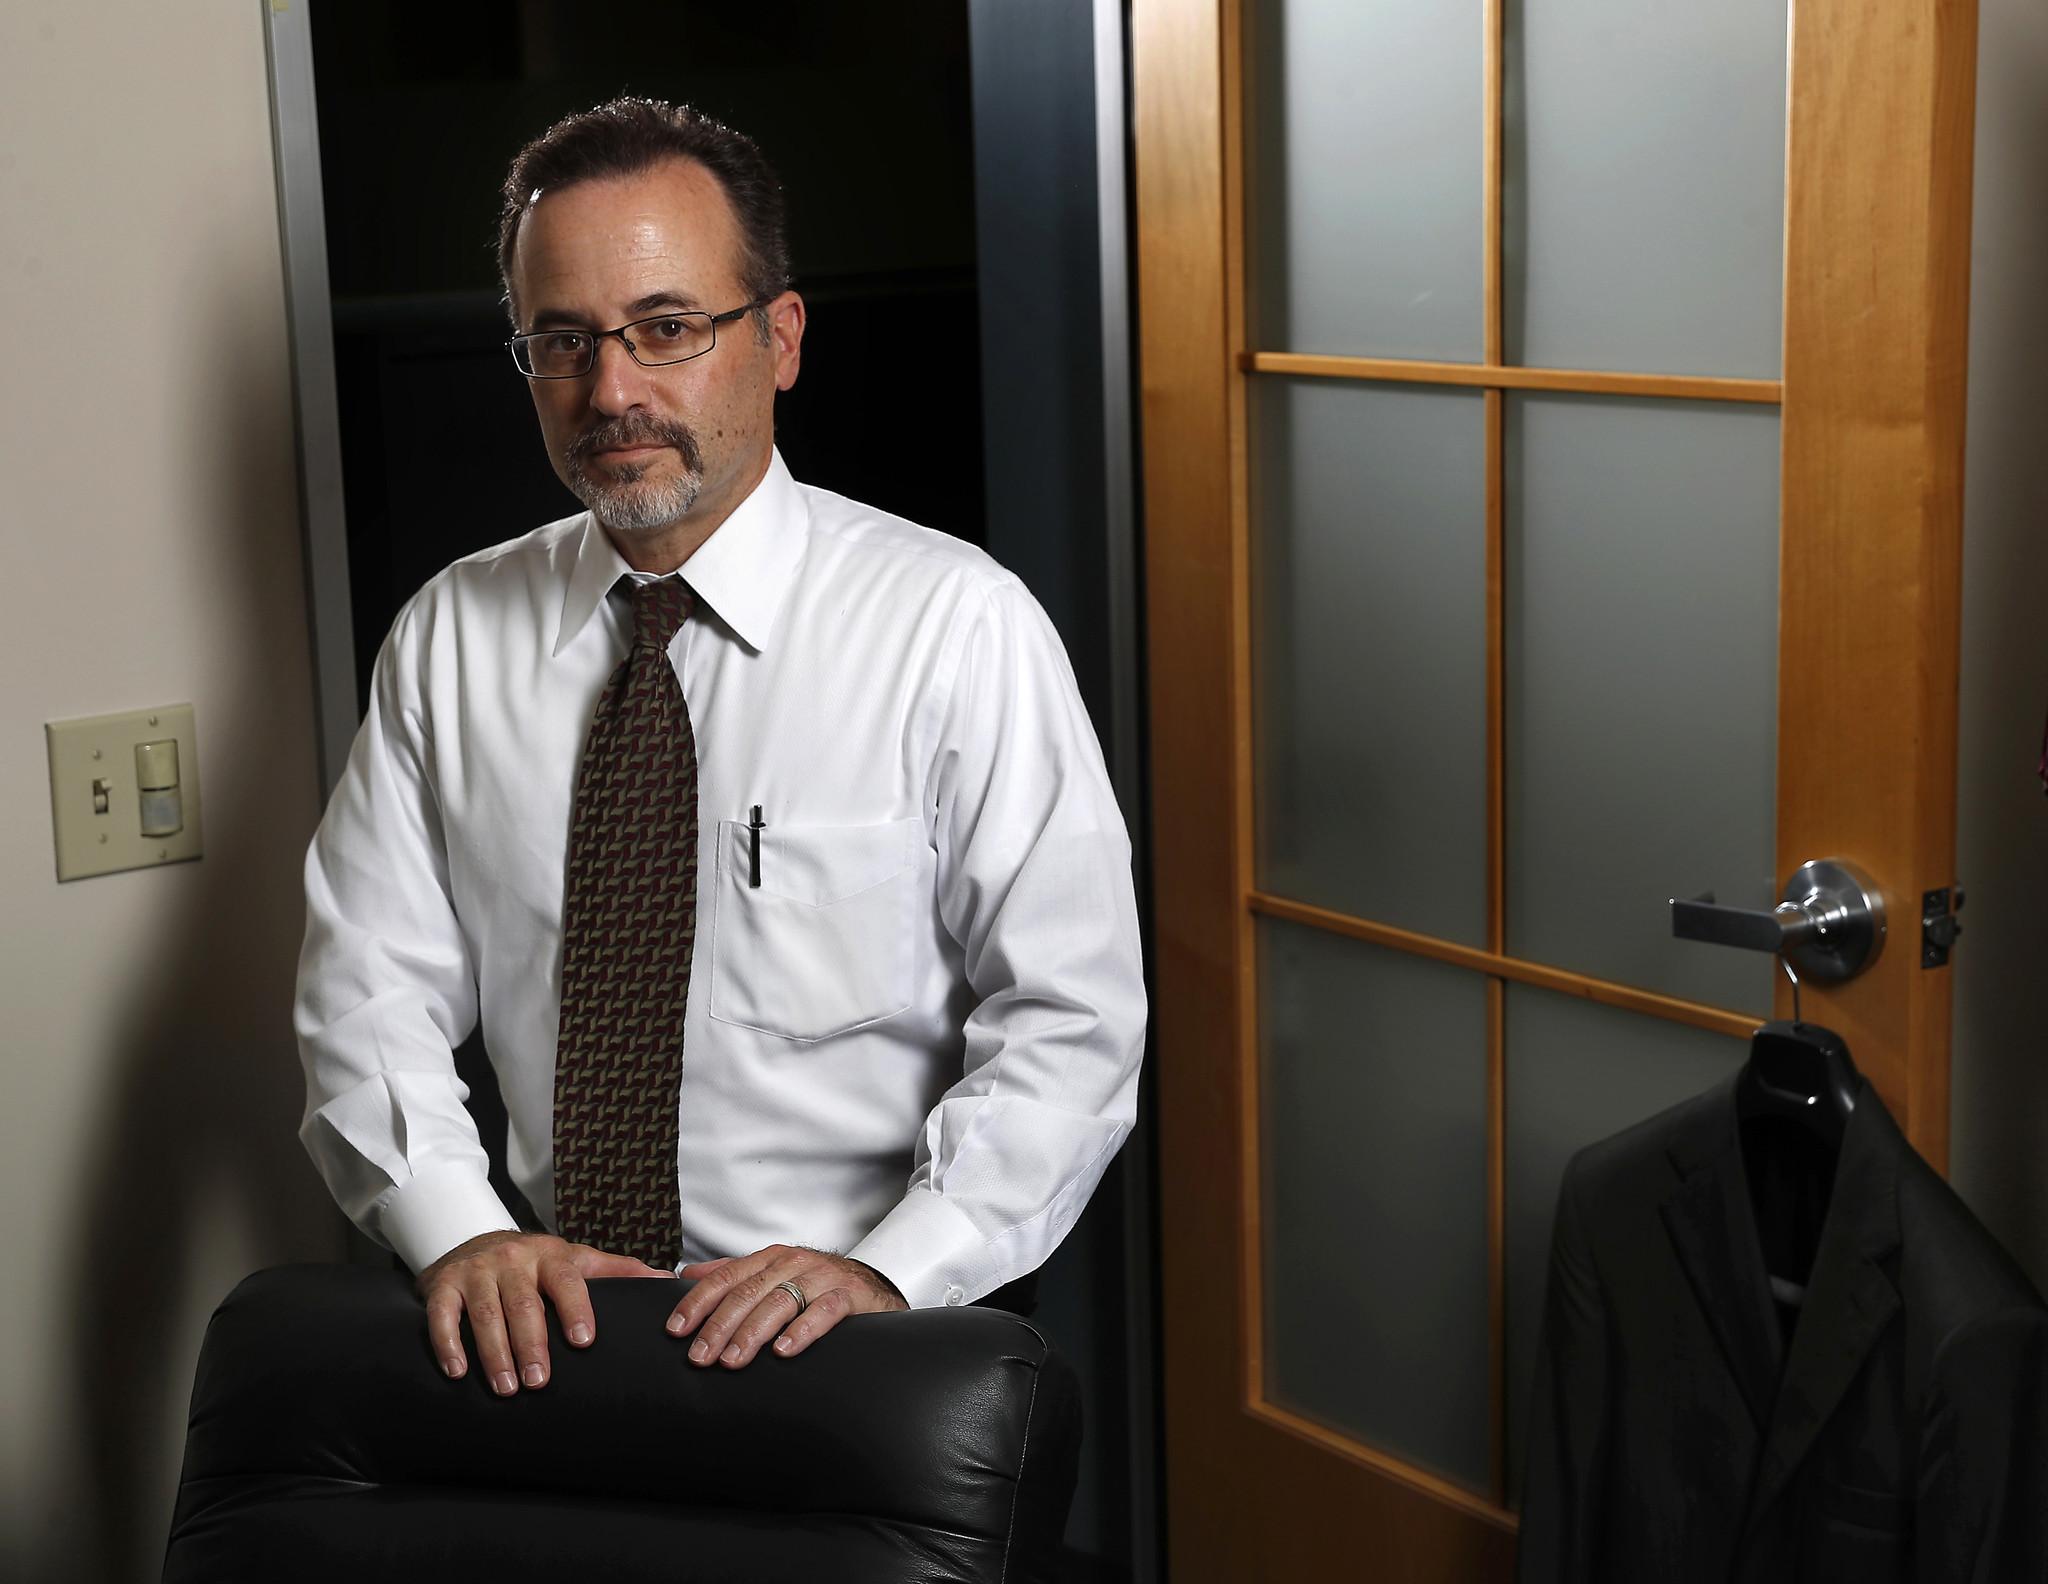 Defense attorney Jeffrey Vallens